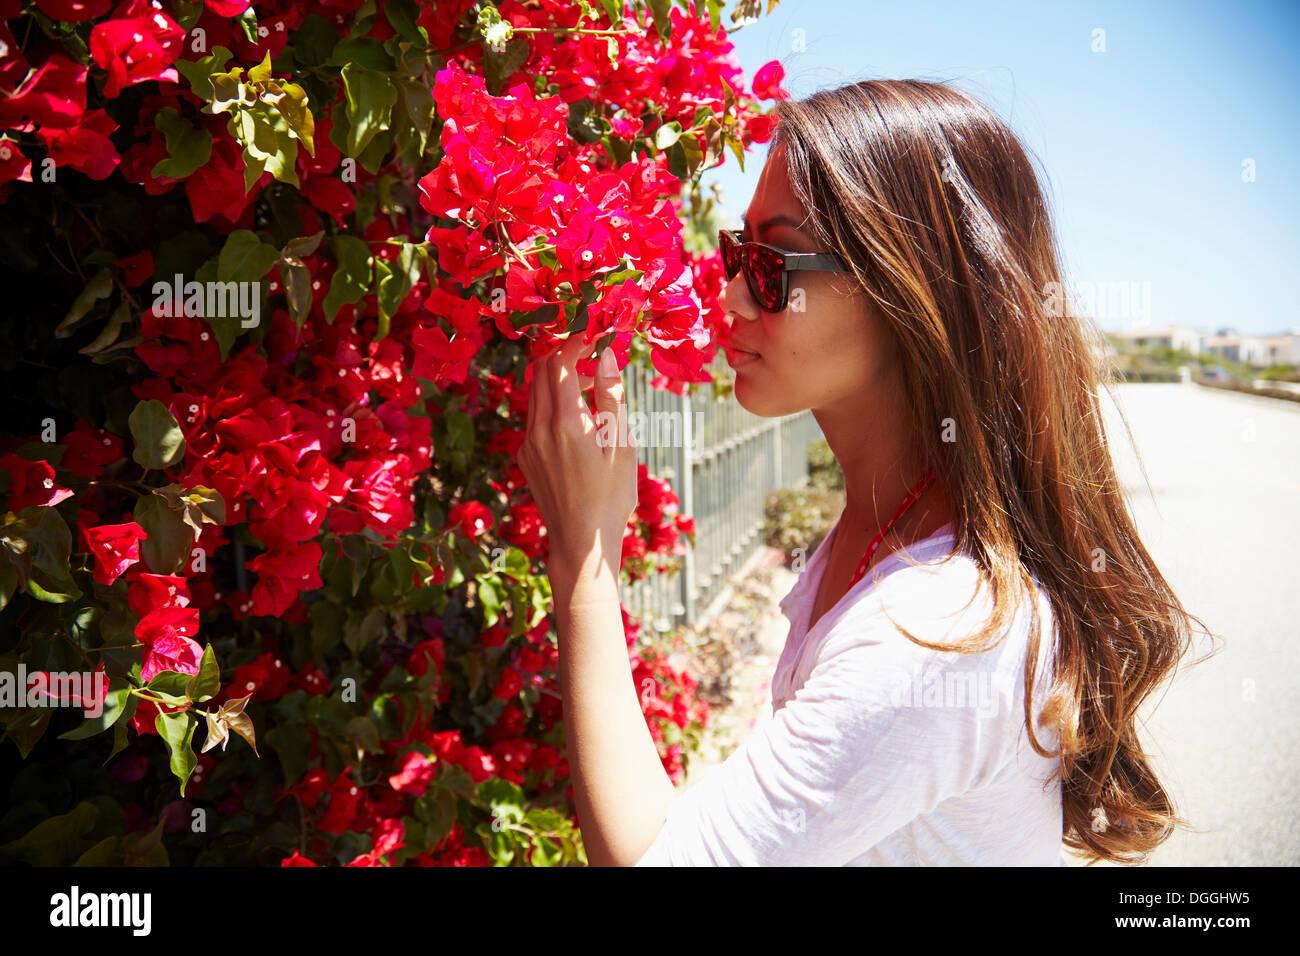 Junge Frau, die duftenden Blumen, Palos Verdes, Kalifornien, USA Stockbild